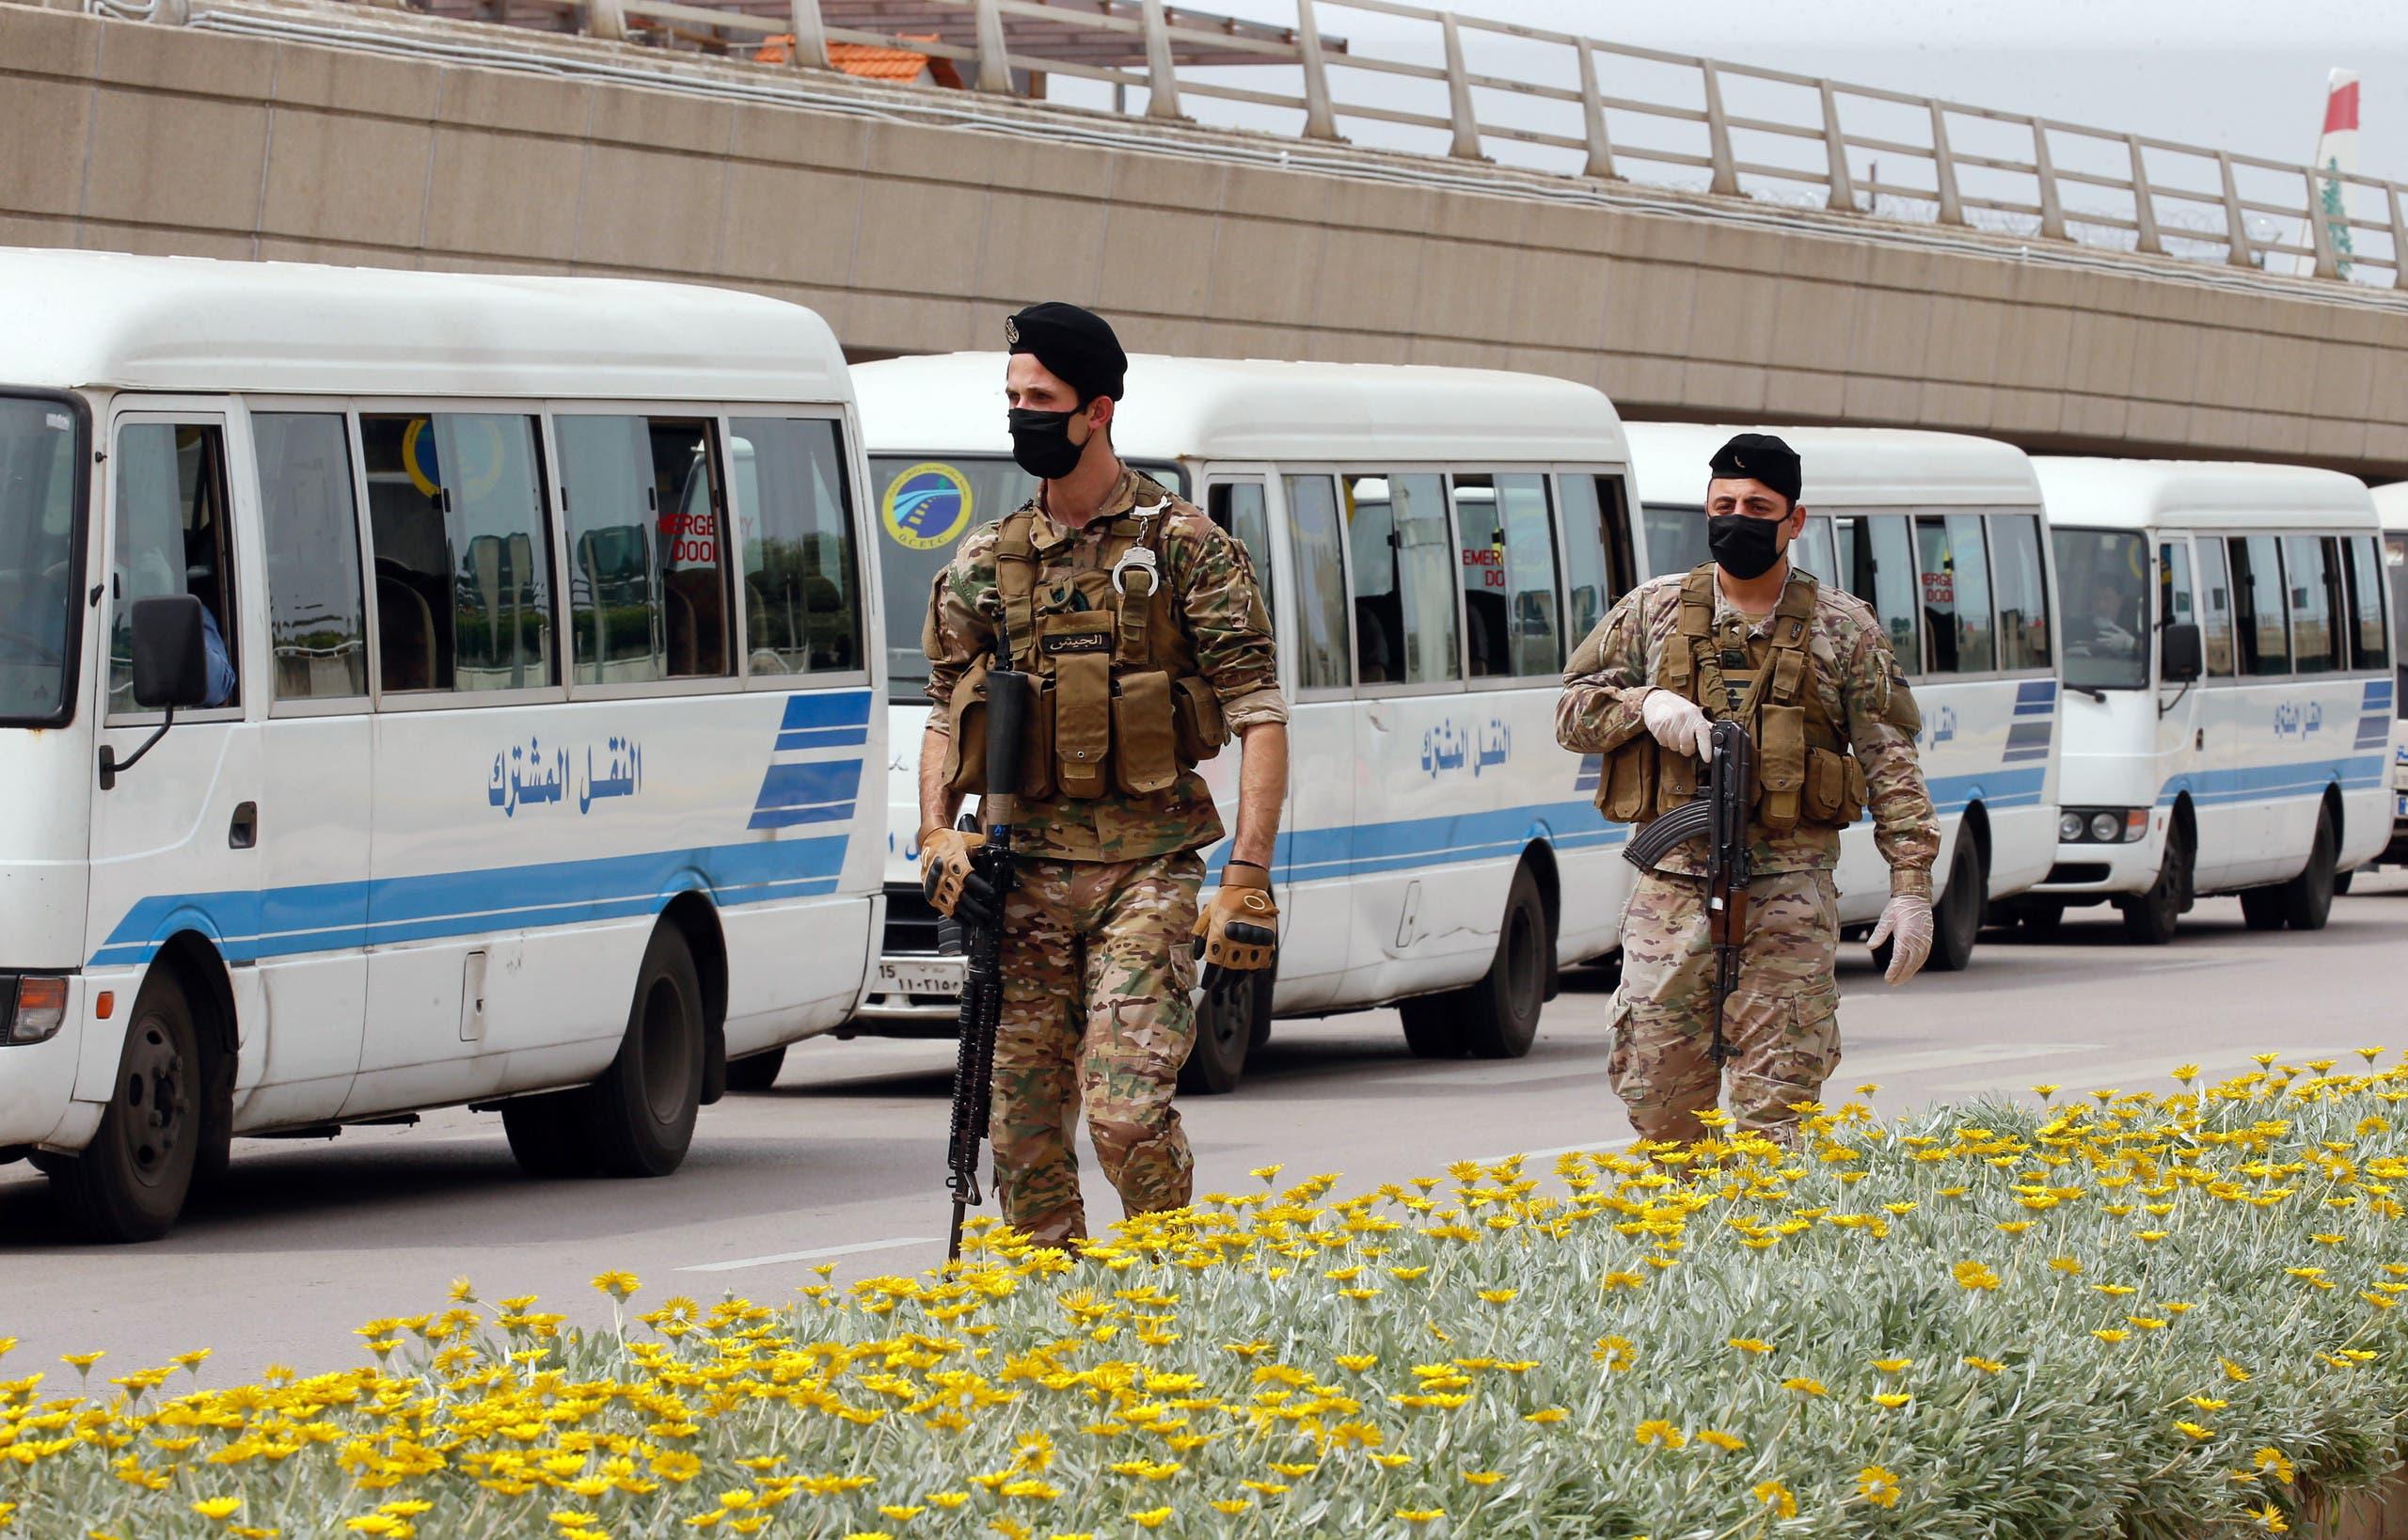 انتشار أمني مكثف لمراقبة وصول ونقل المسافرين للحجر